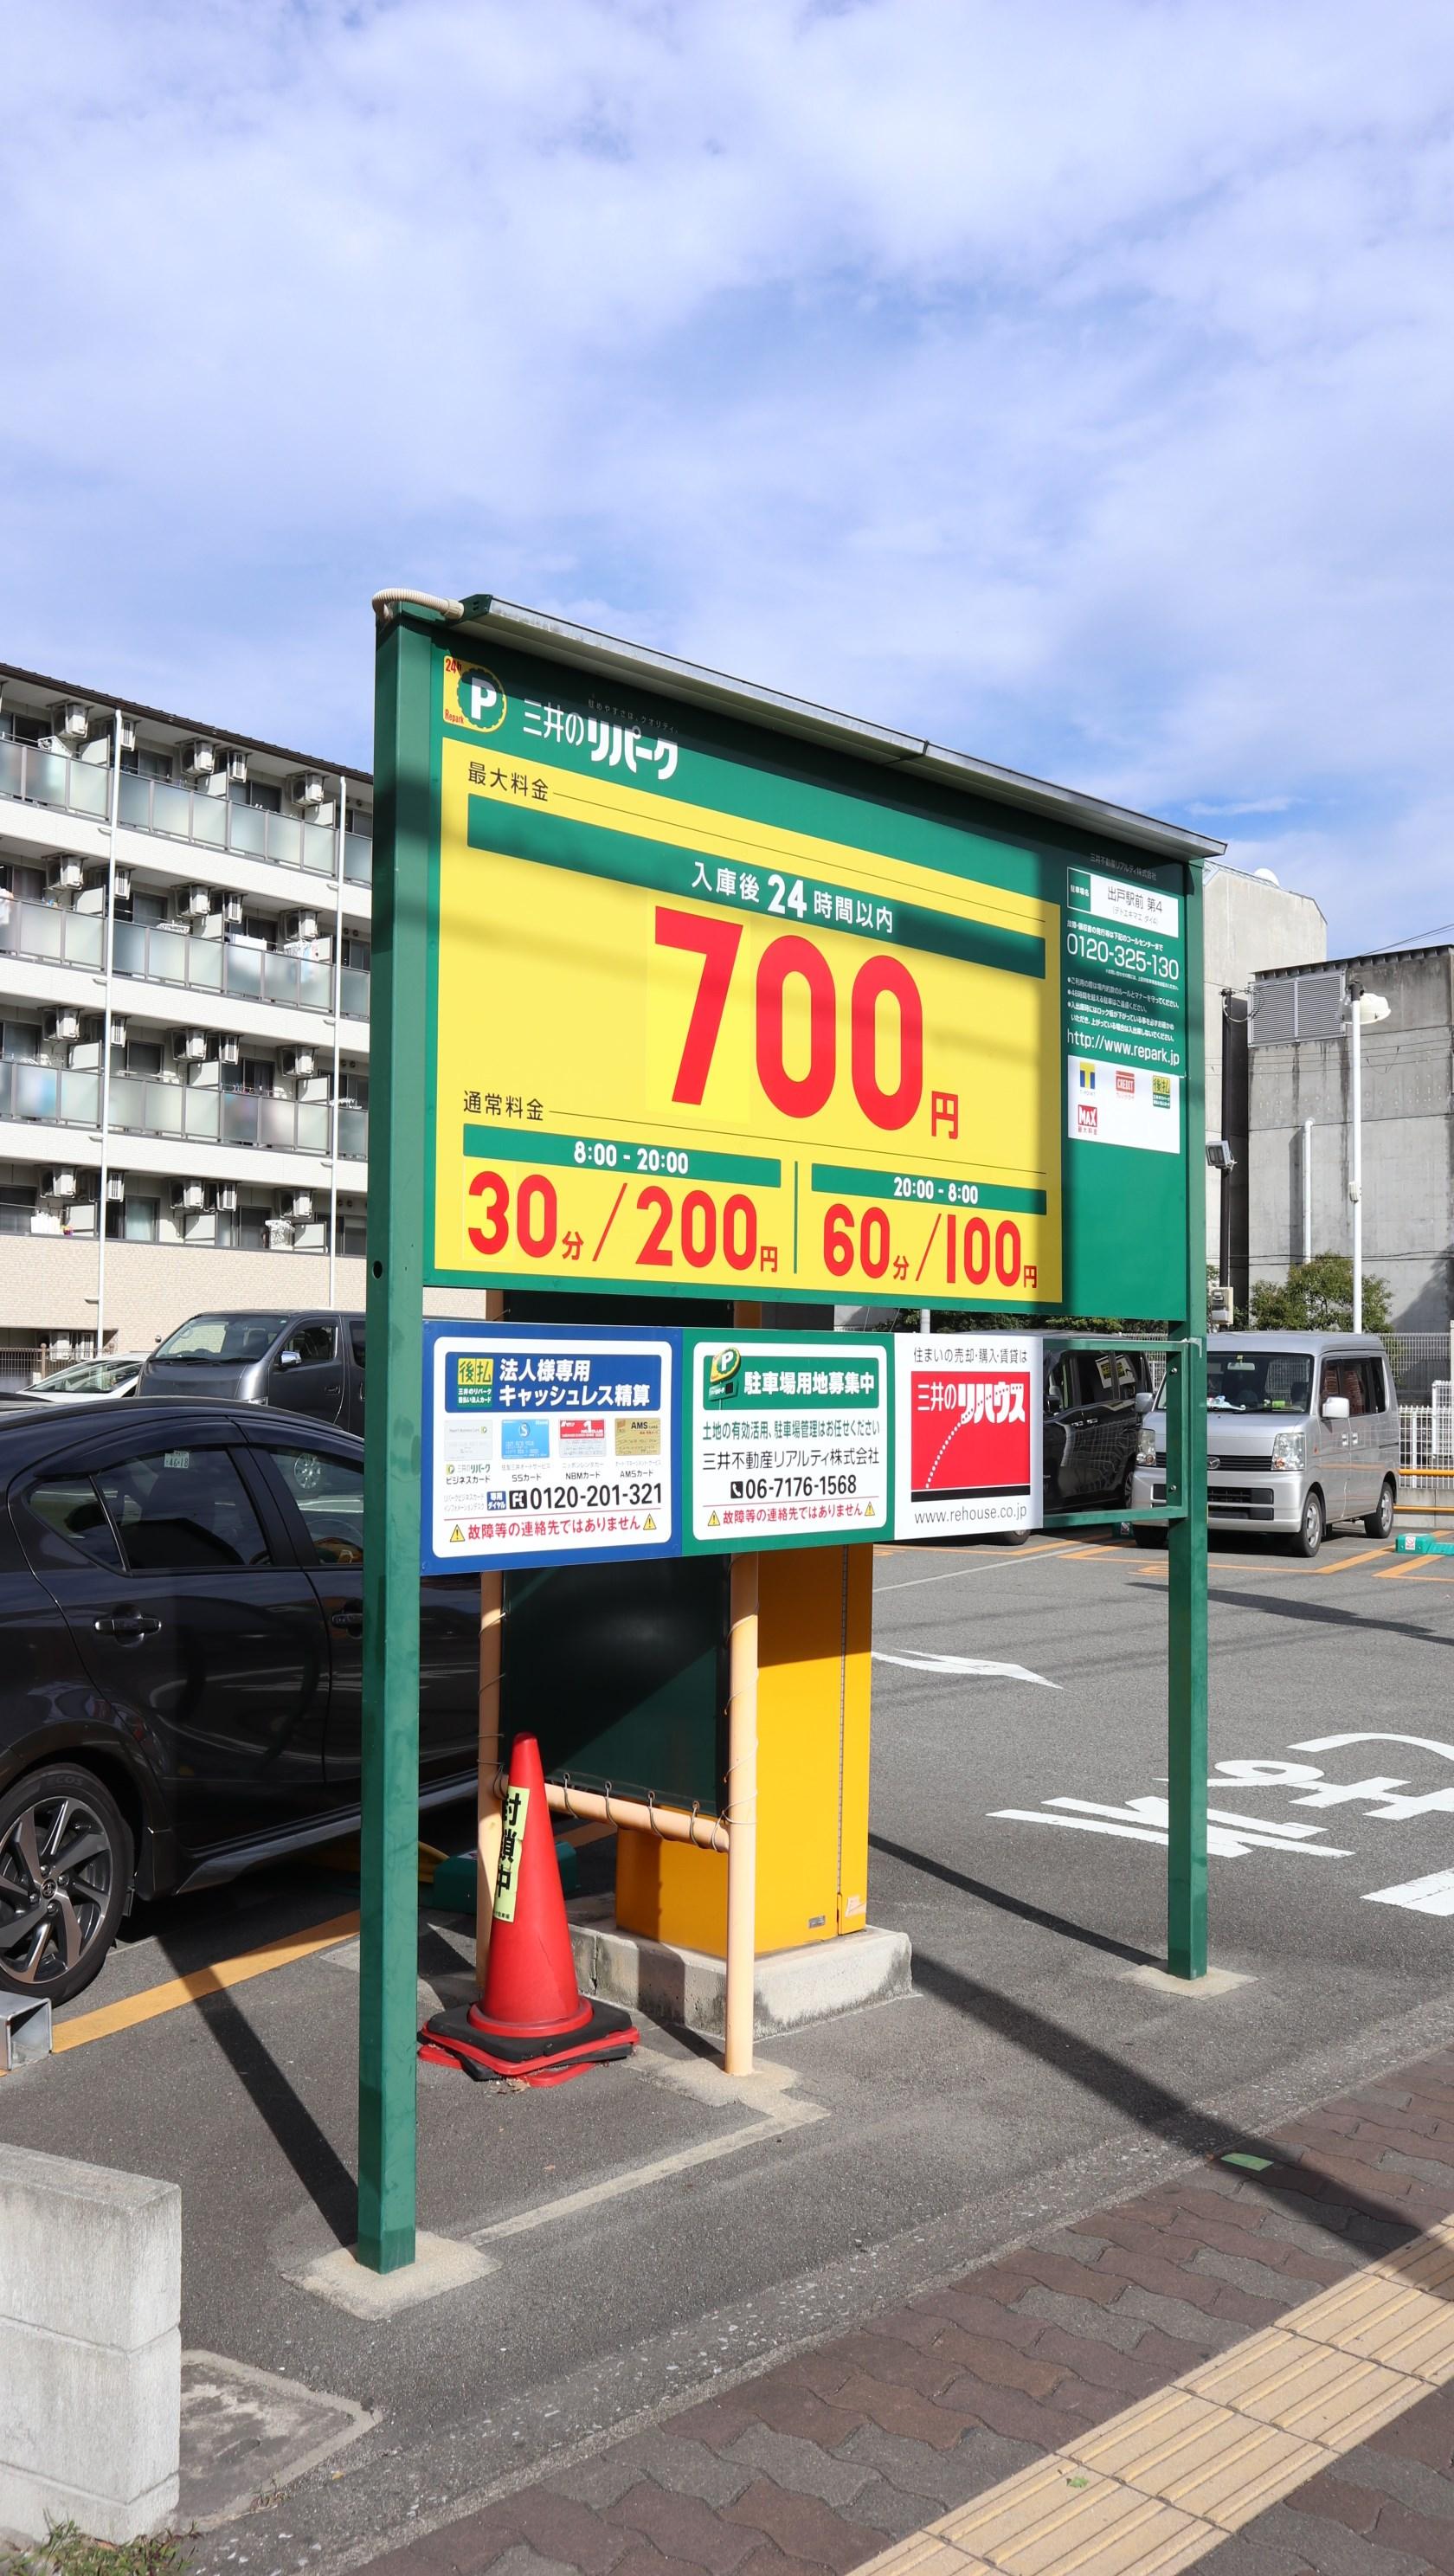 その他:三井のリパーク 313m